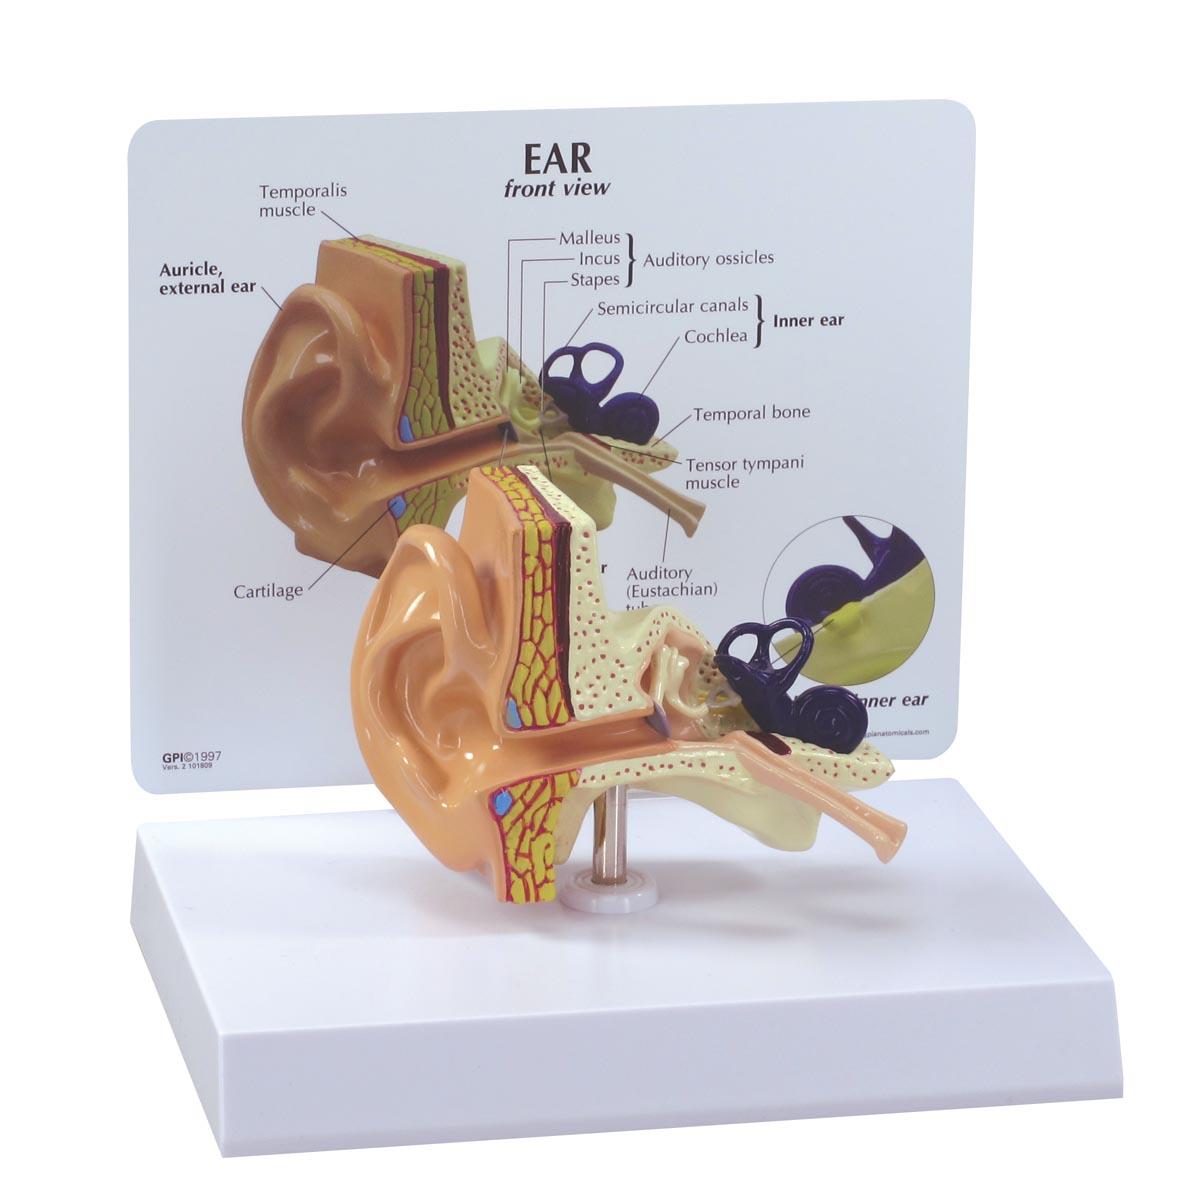 Modelo de oído | Anatomical 3D